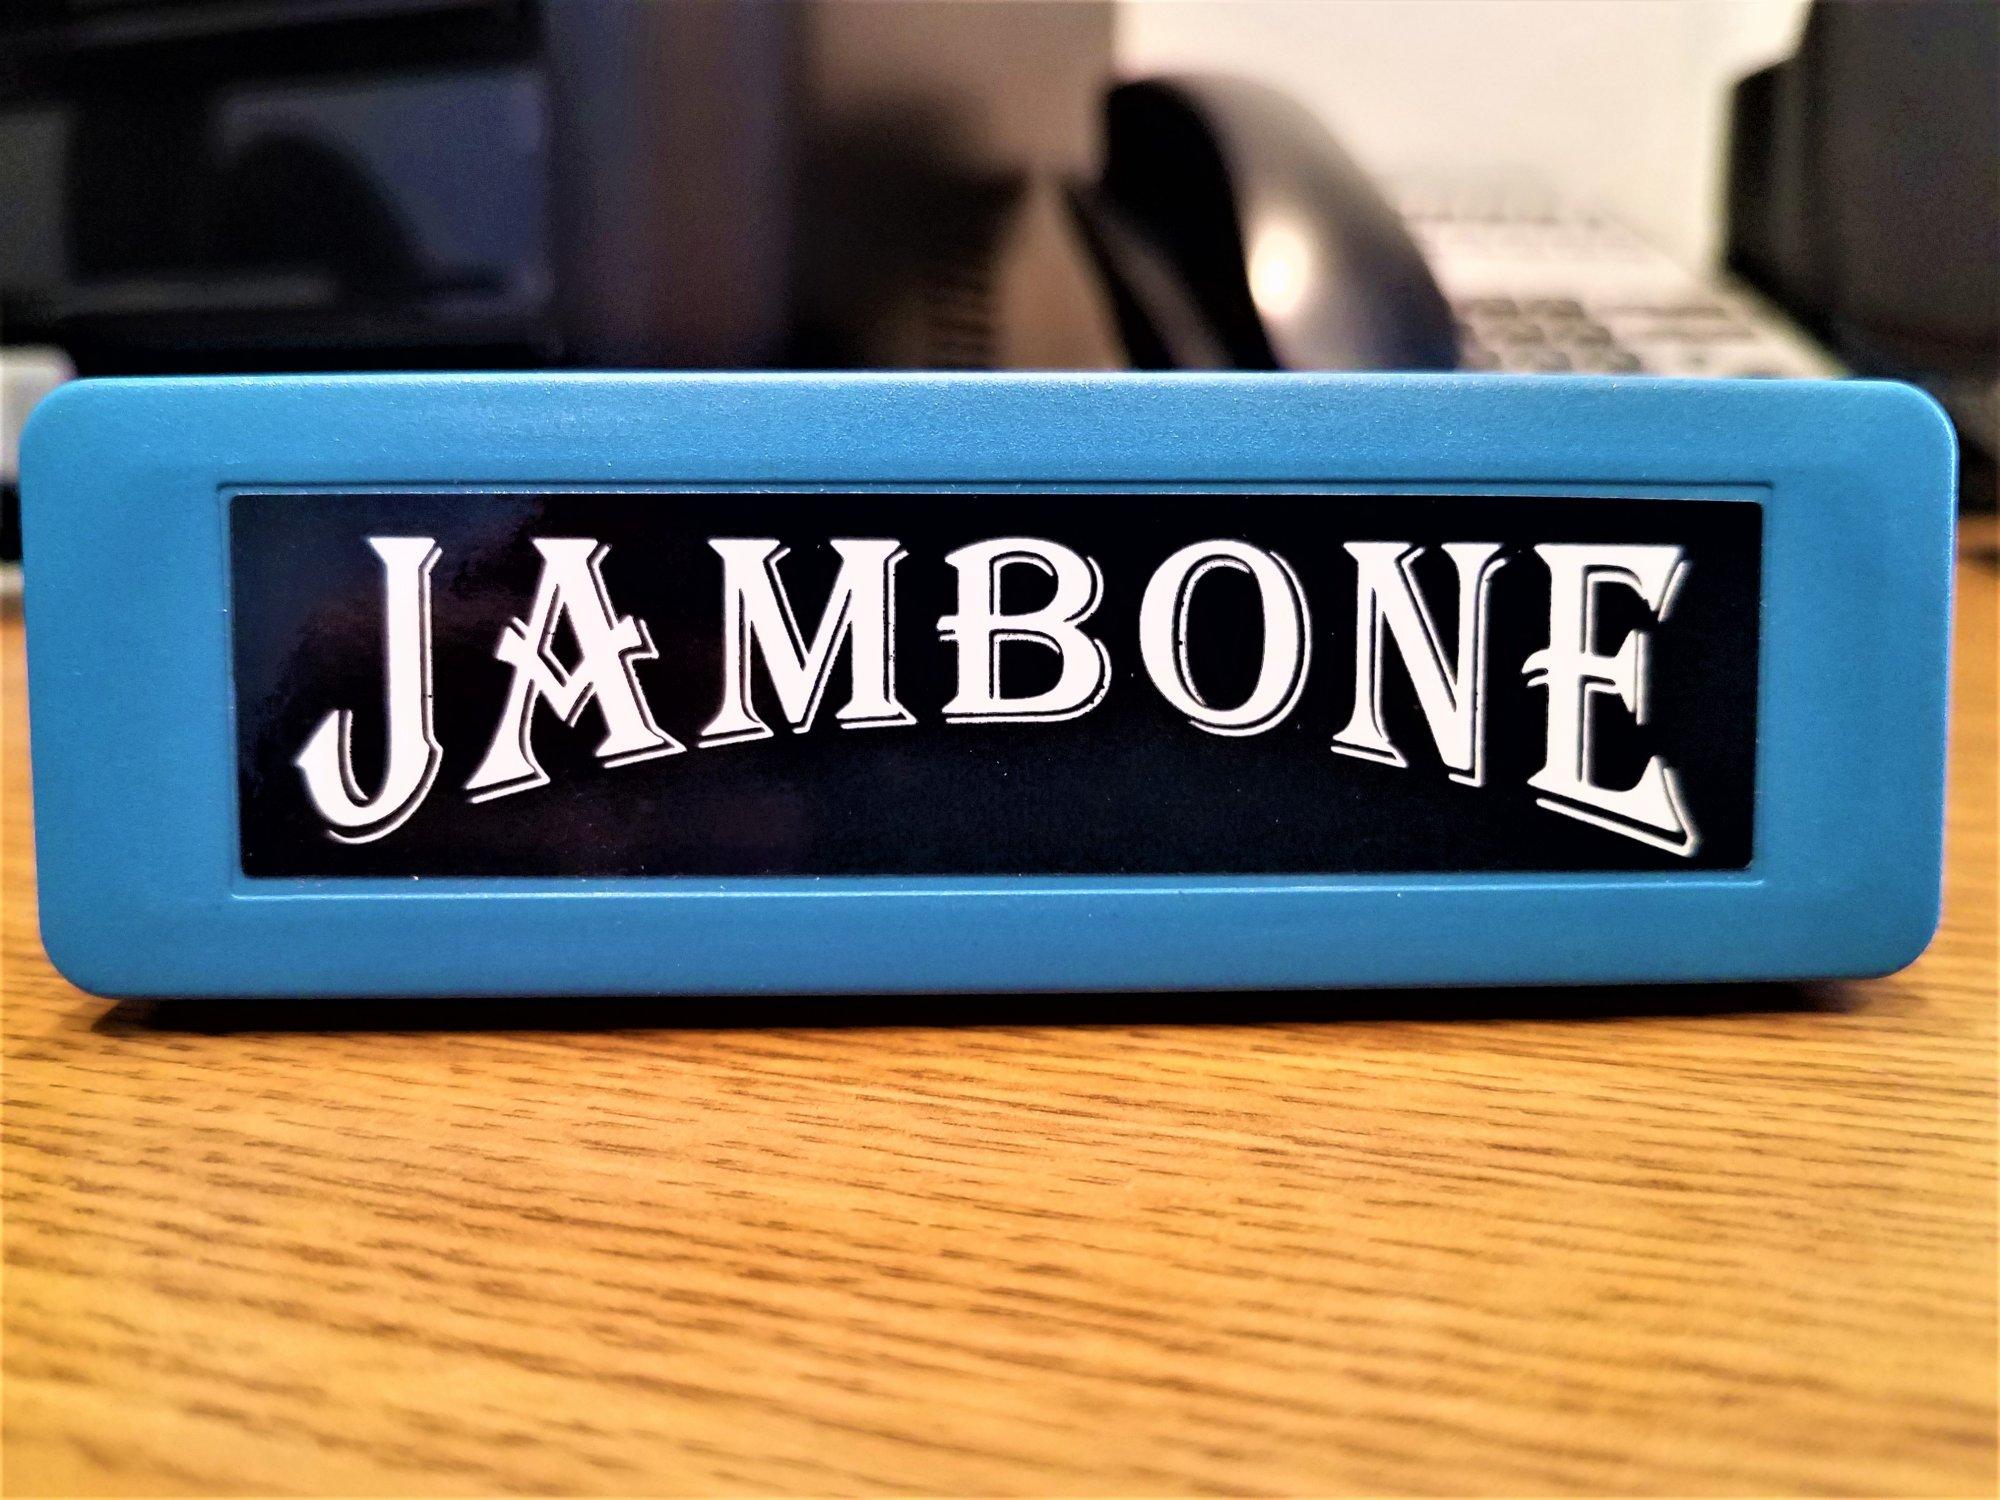 Jambone Harmonica